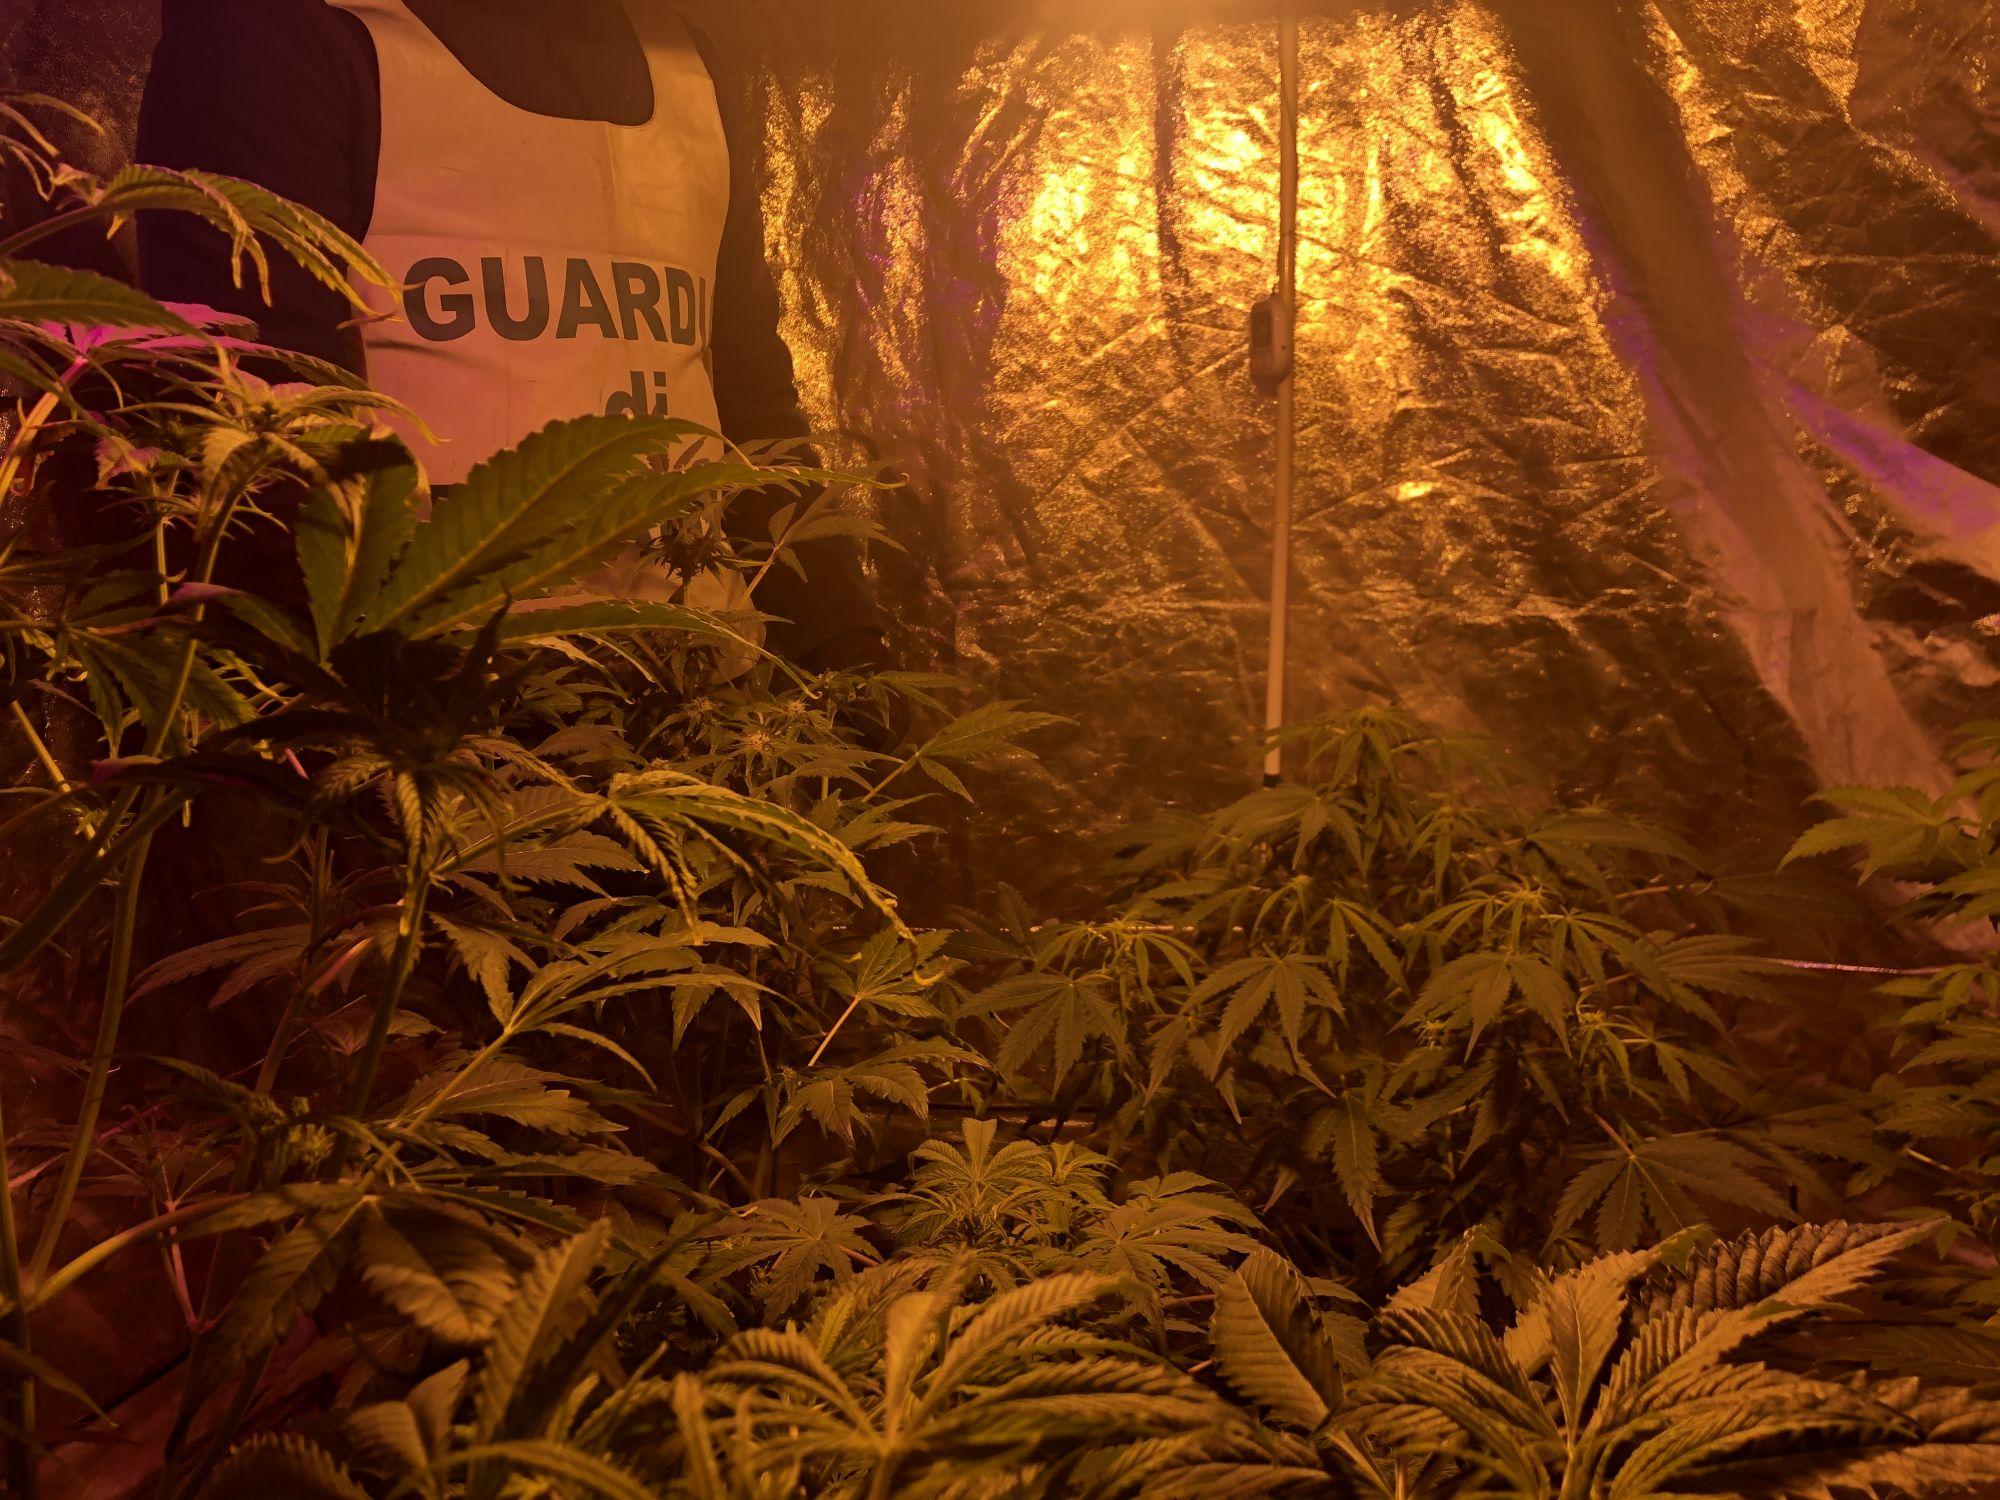 Coltiva cannabis nell'orto di casa a Camaiore, denunciato